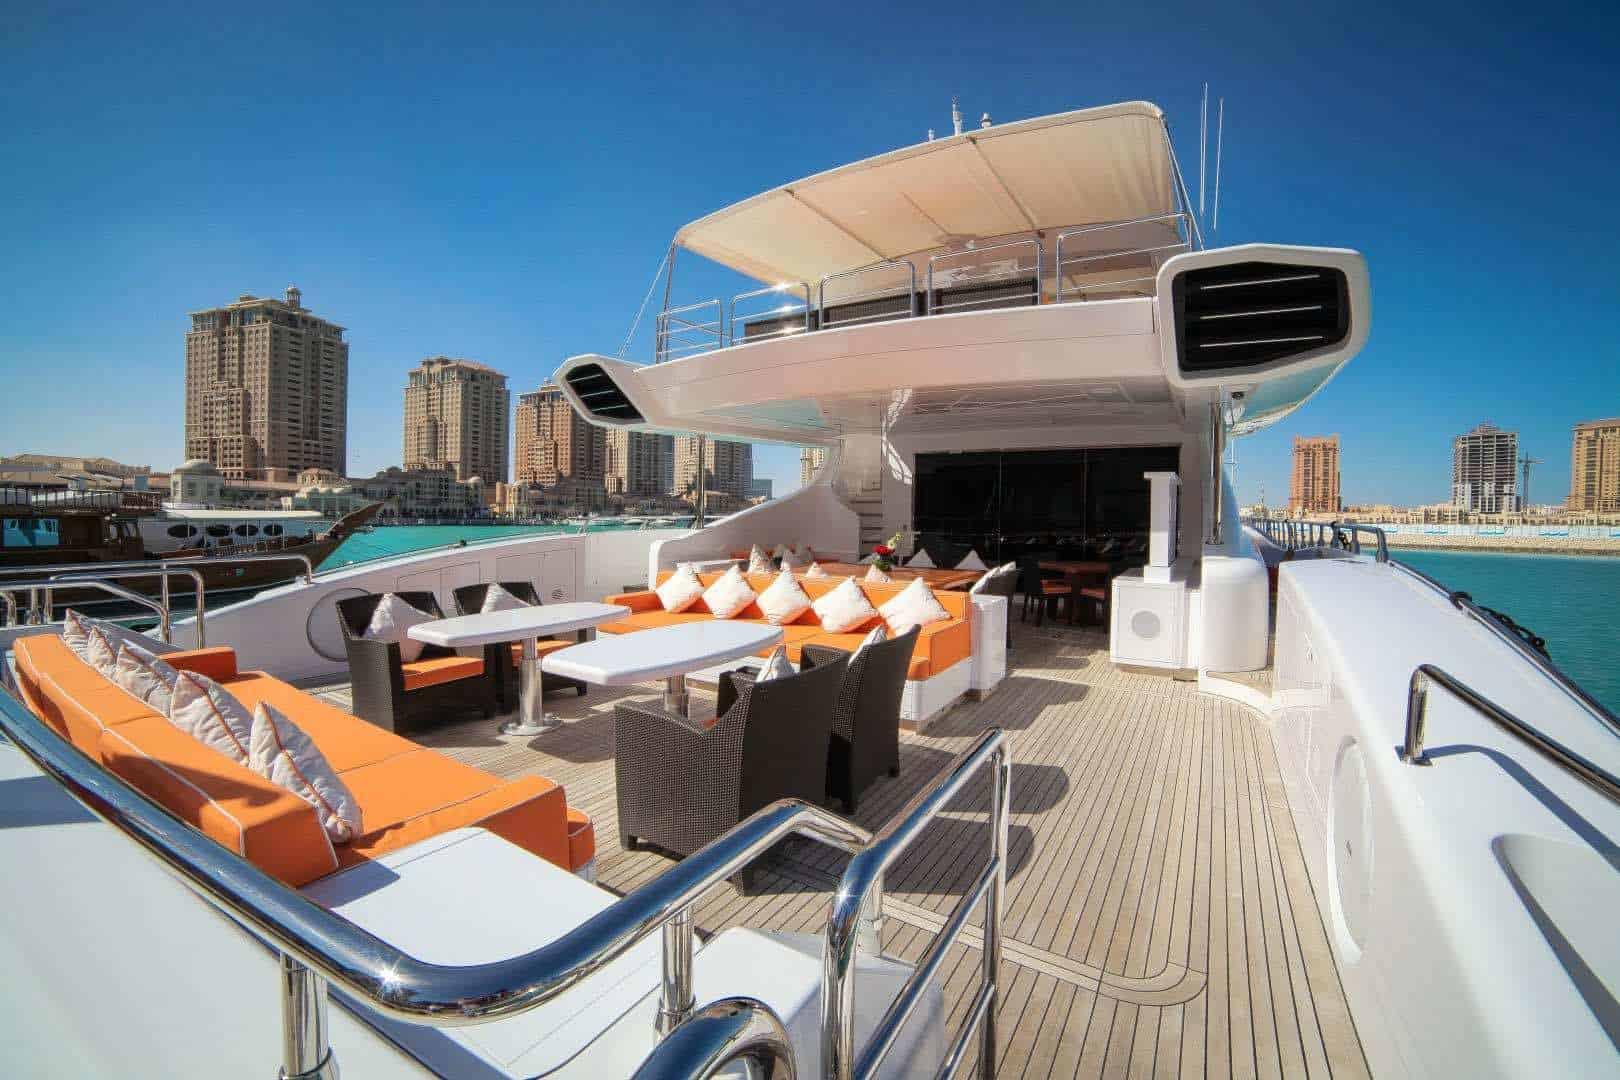 SERENITY: Excelente opción para multimillonarios interesados en una vida rápida y lujosa en el mar